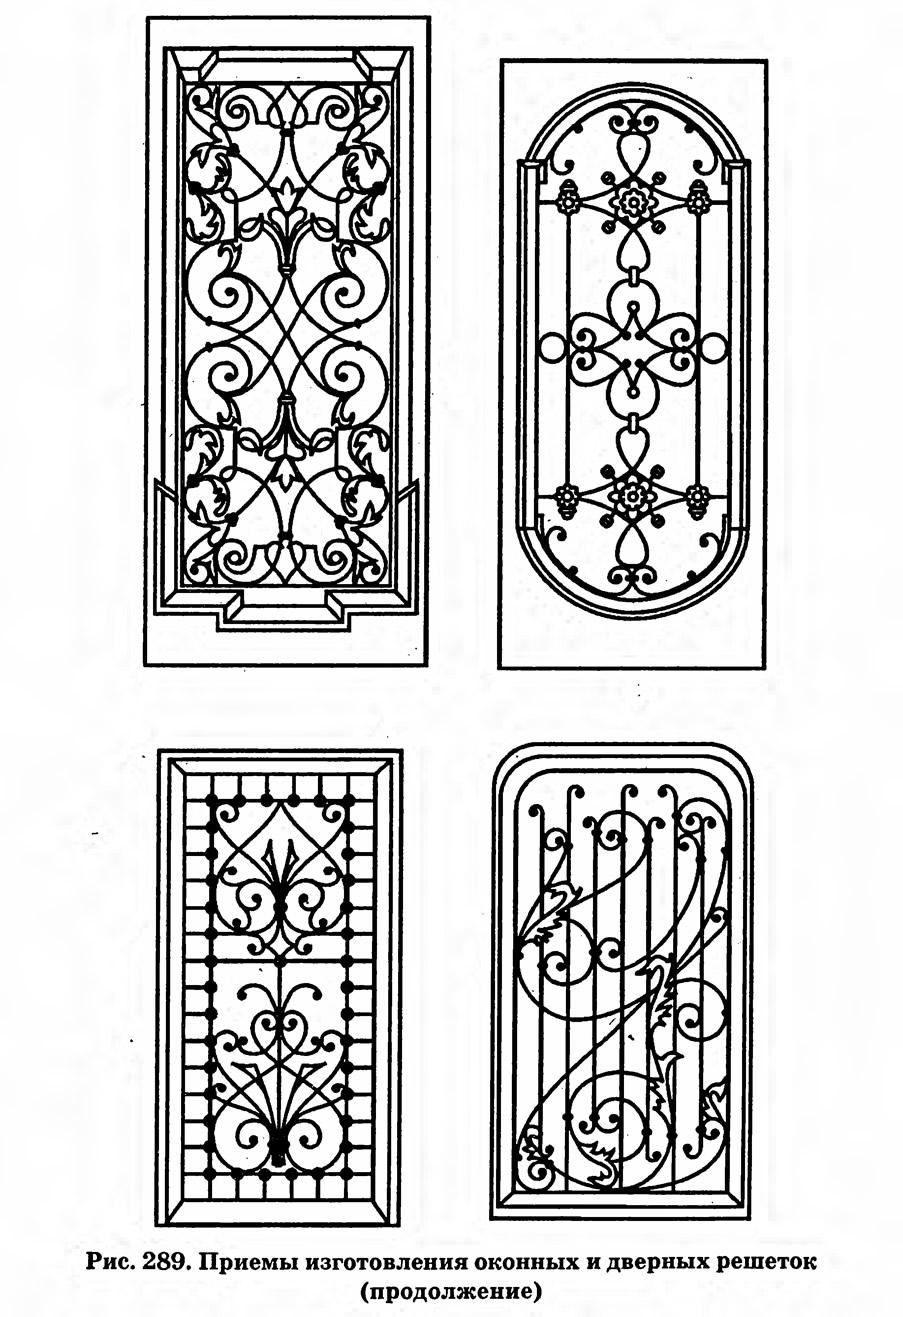 Рис. 289. Приемы изготовления оконных и дверных решеток (продолжение)